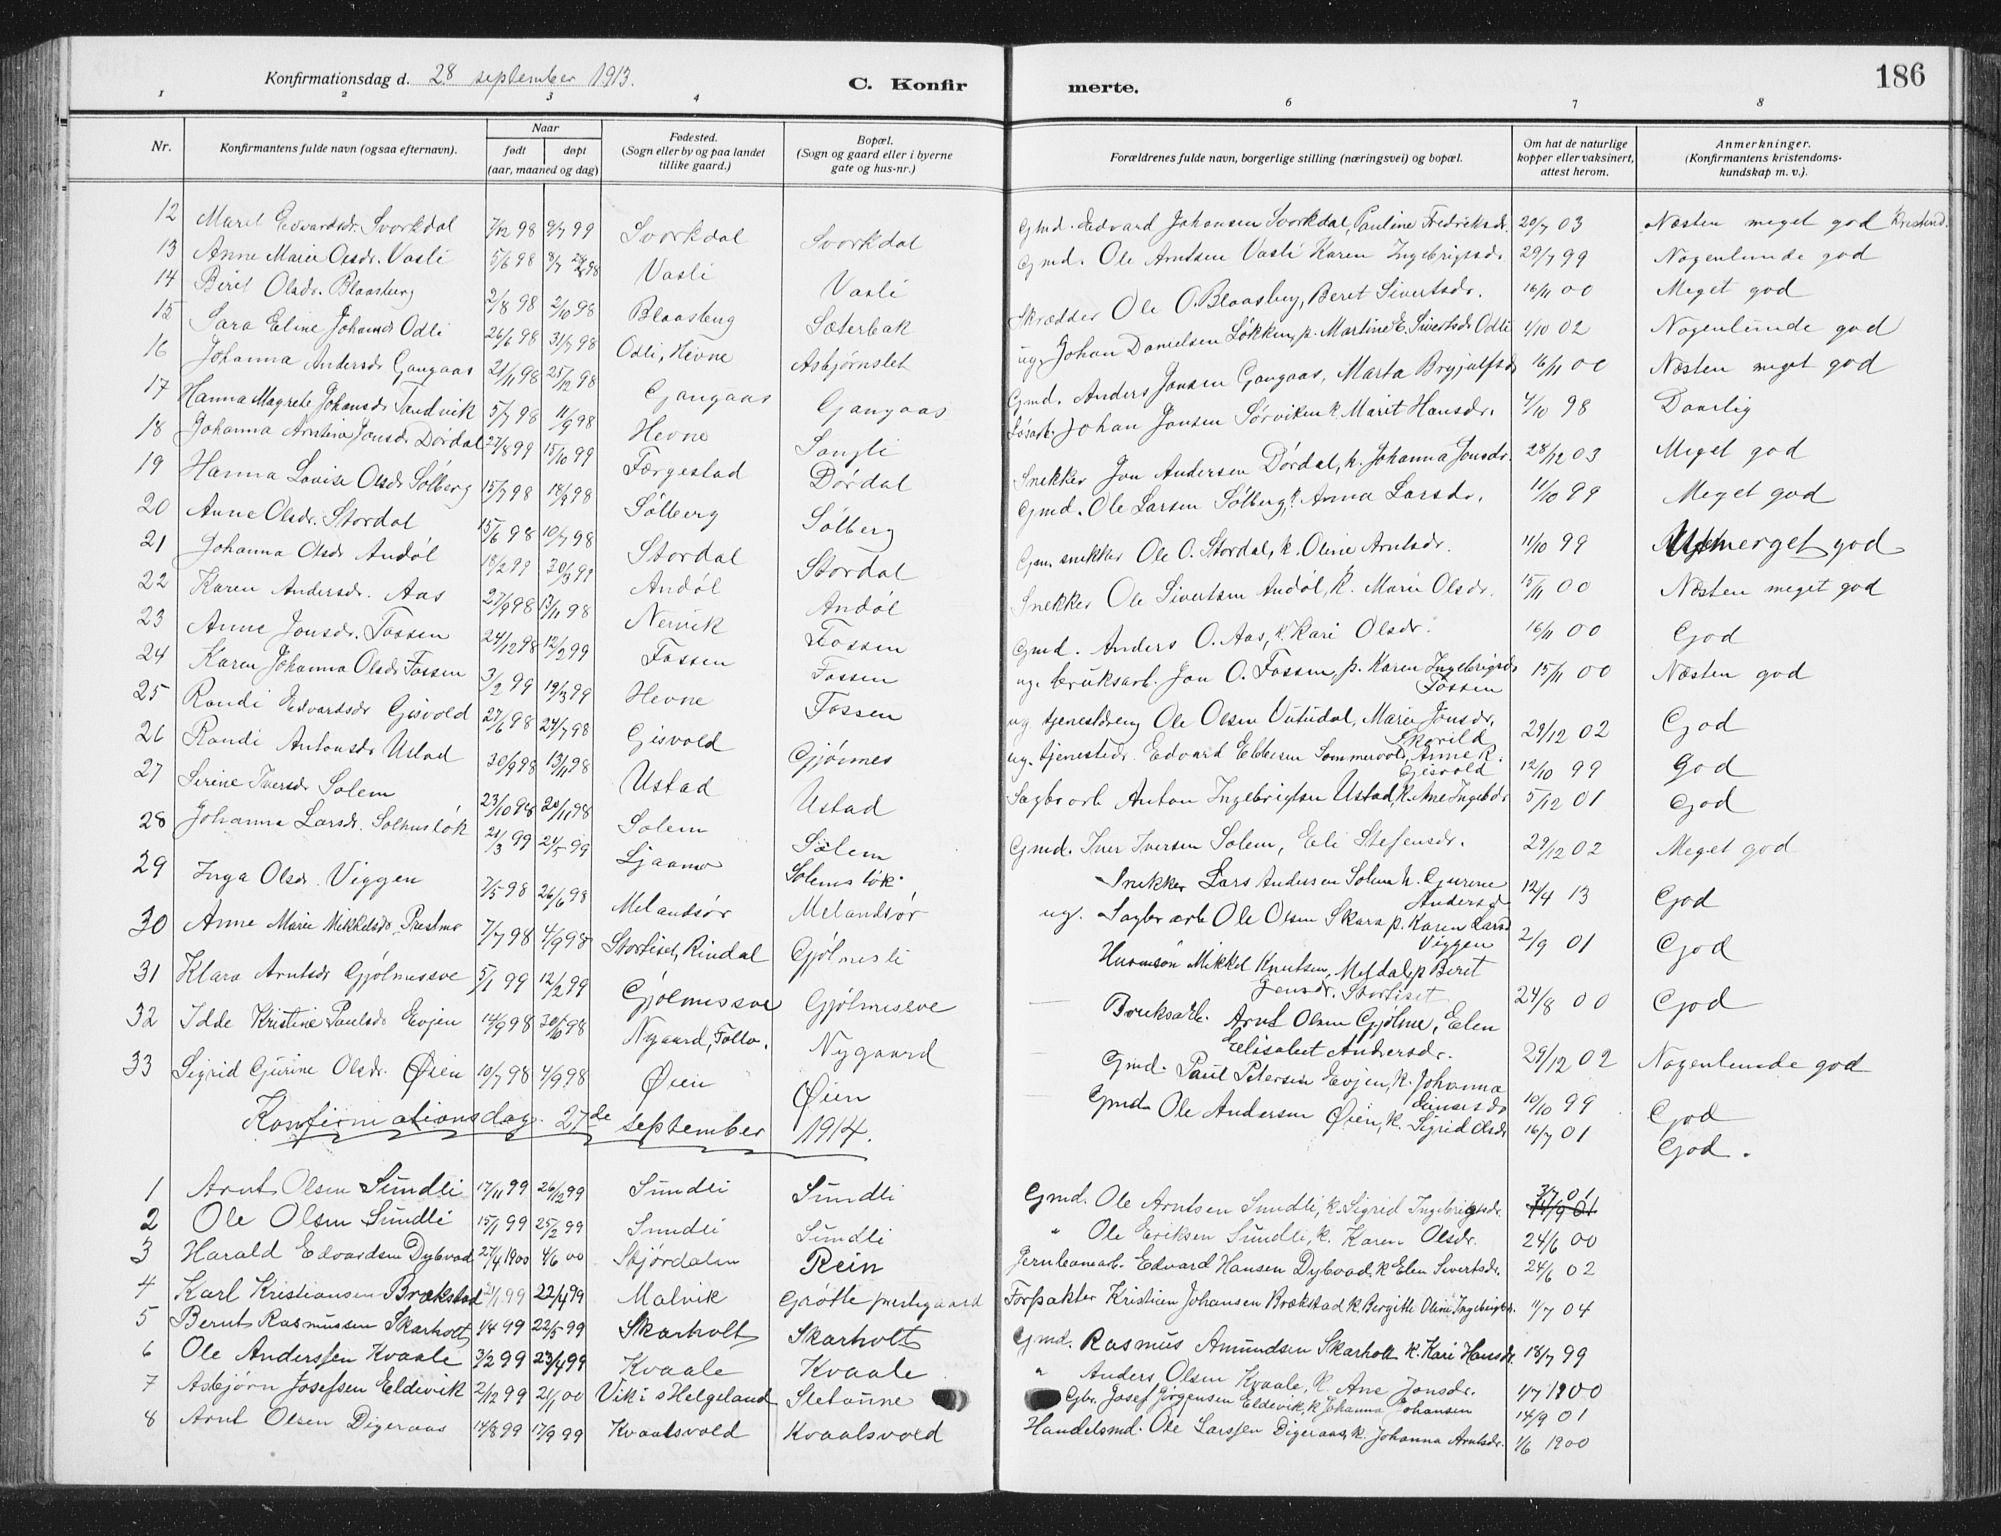 SAT, Ministerialprotokoller, klokkerbøker og fødselsregistre - Sør-Trøndelag, 668/L0820: Klokkerbok nr. 668C09, 1912-1936, s. 186